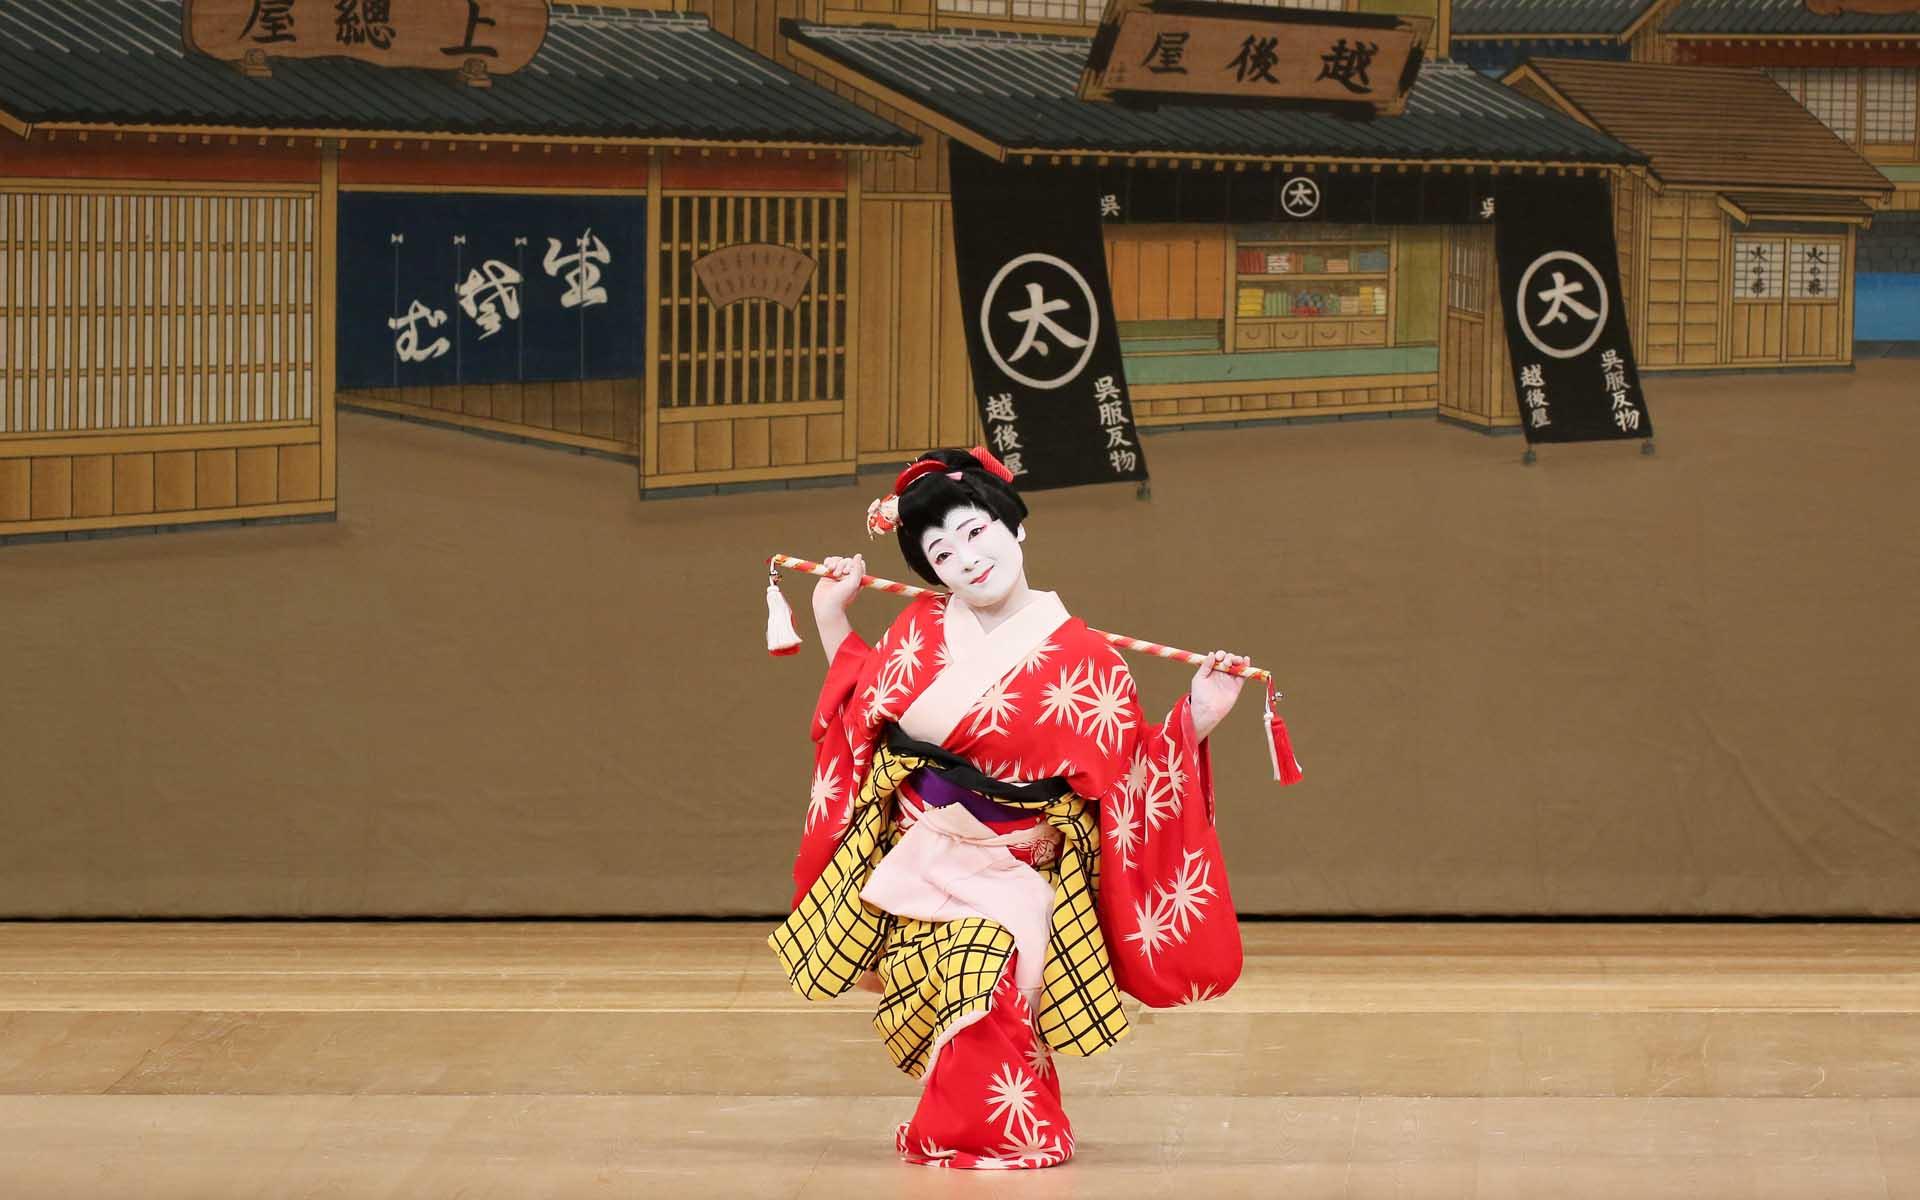 古典芸能入門「日本舞踊」の世界を覗いてみる